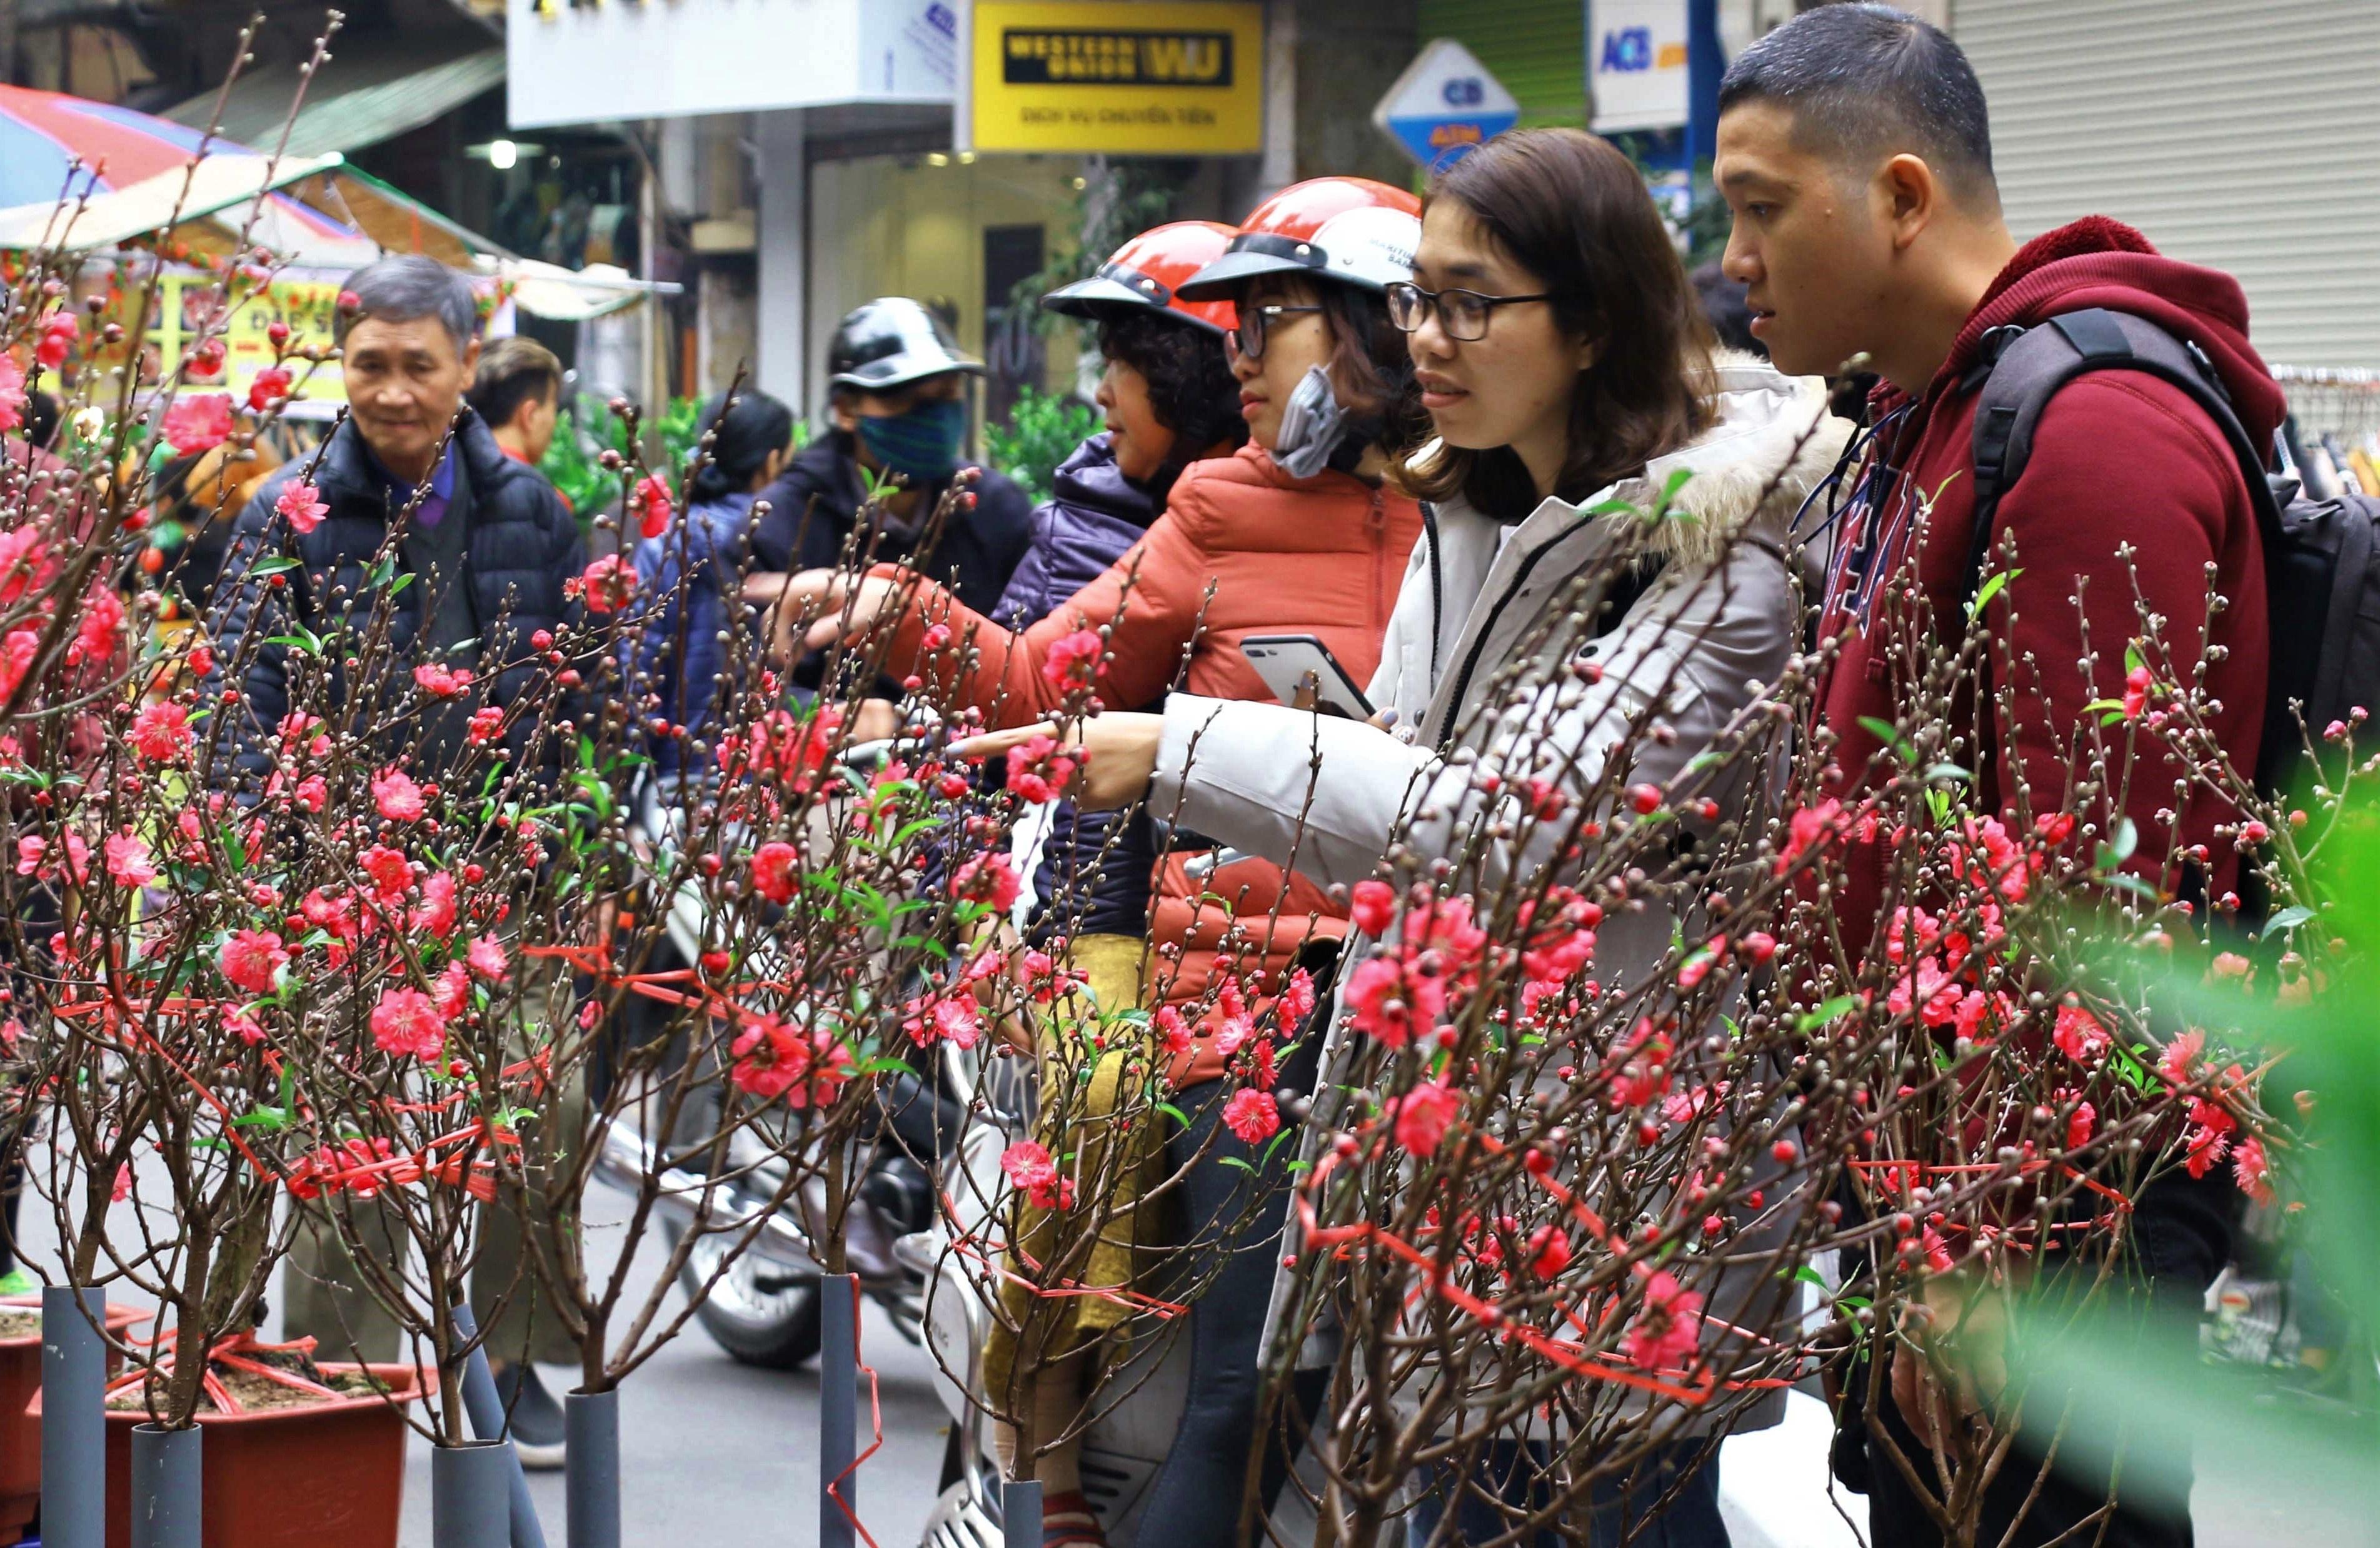 Đón Tết Nguyên đán 2019 sớm ở chợ hoa lâu đời nhất Hà Nội